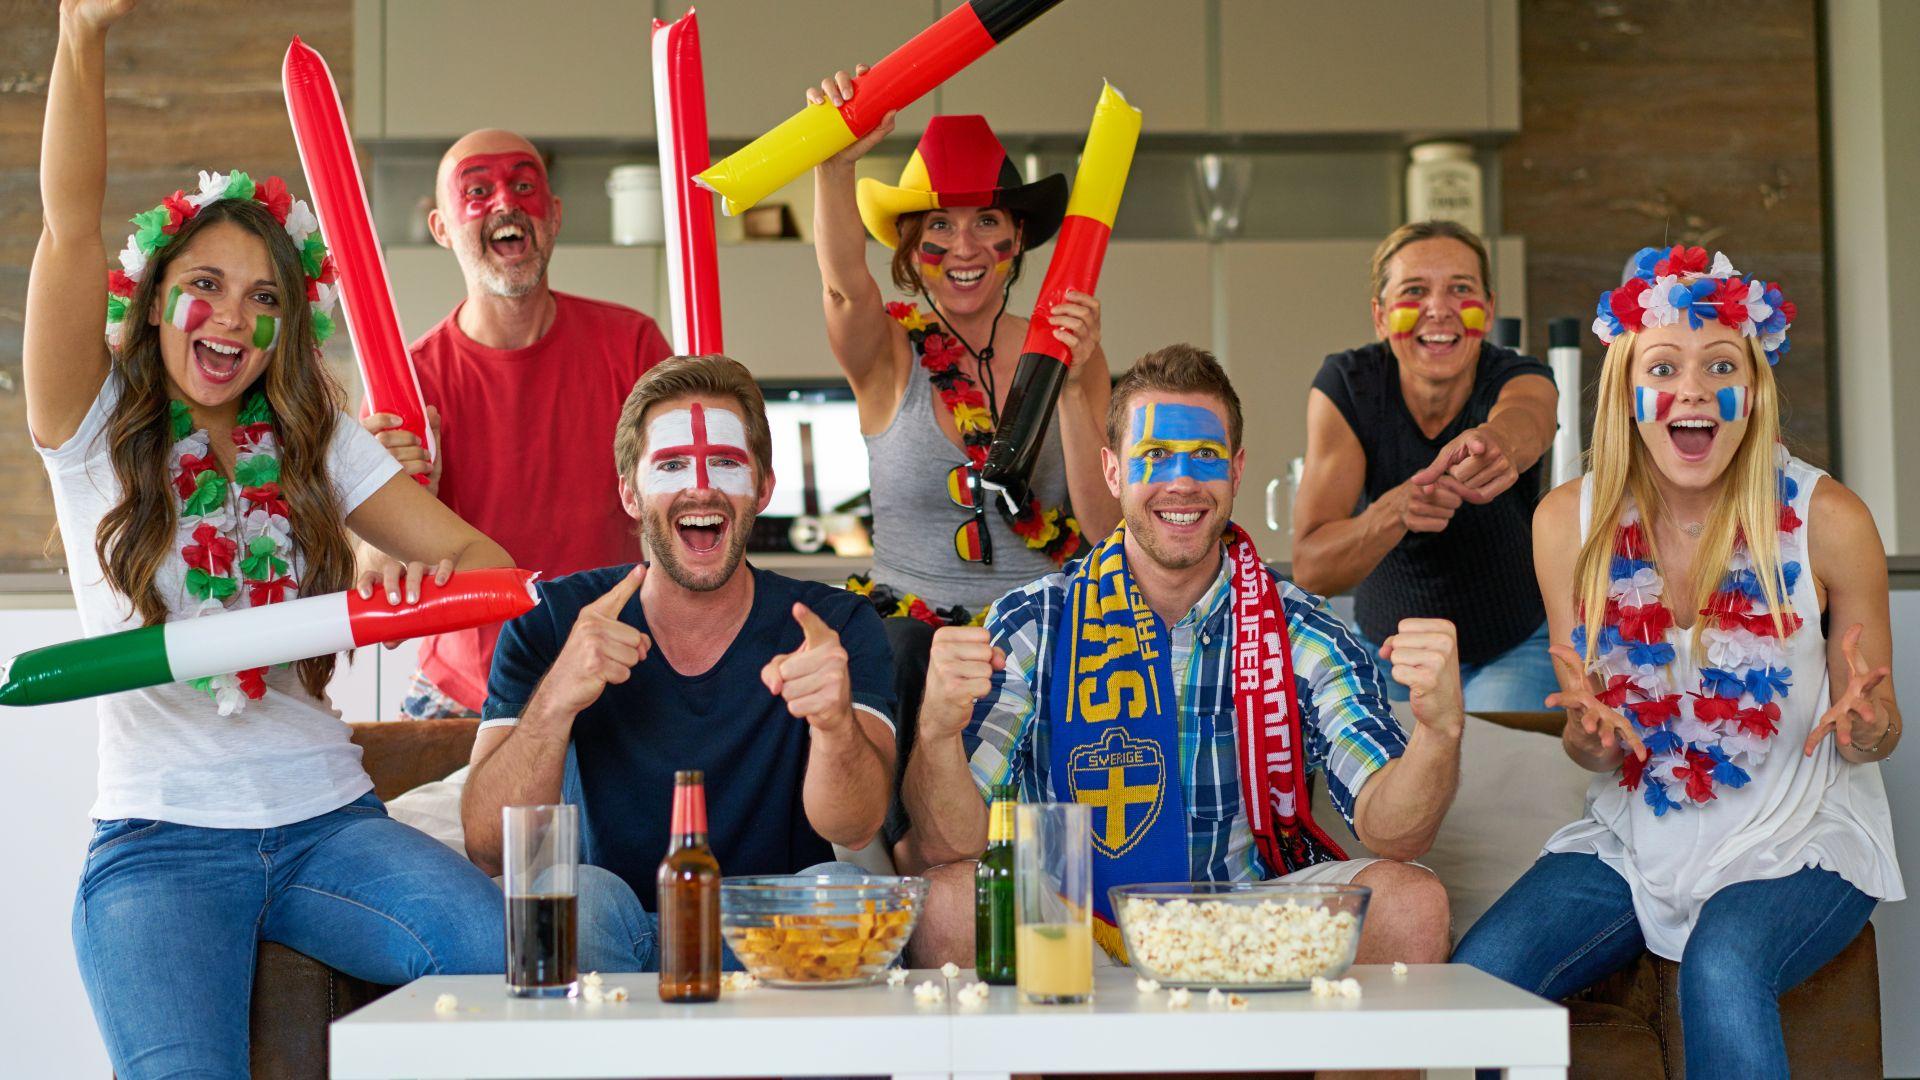 Храна и мачове: Твоите любими разядки за Евро 2020